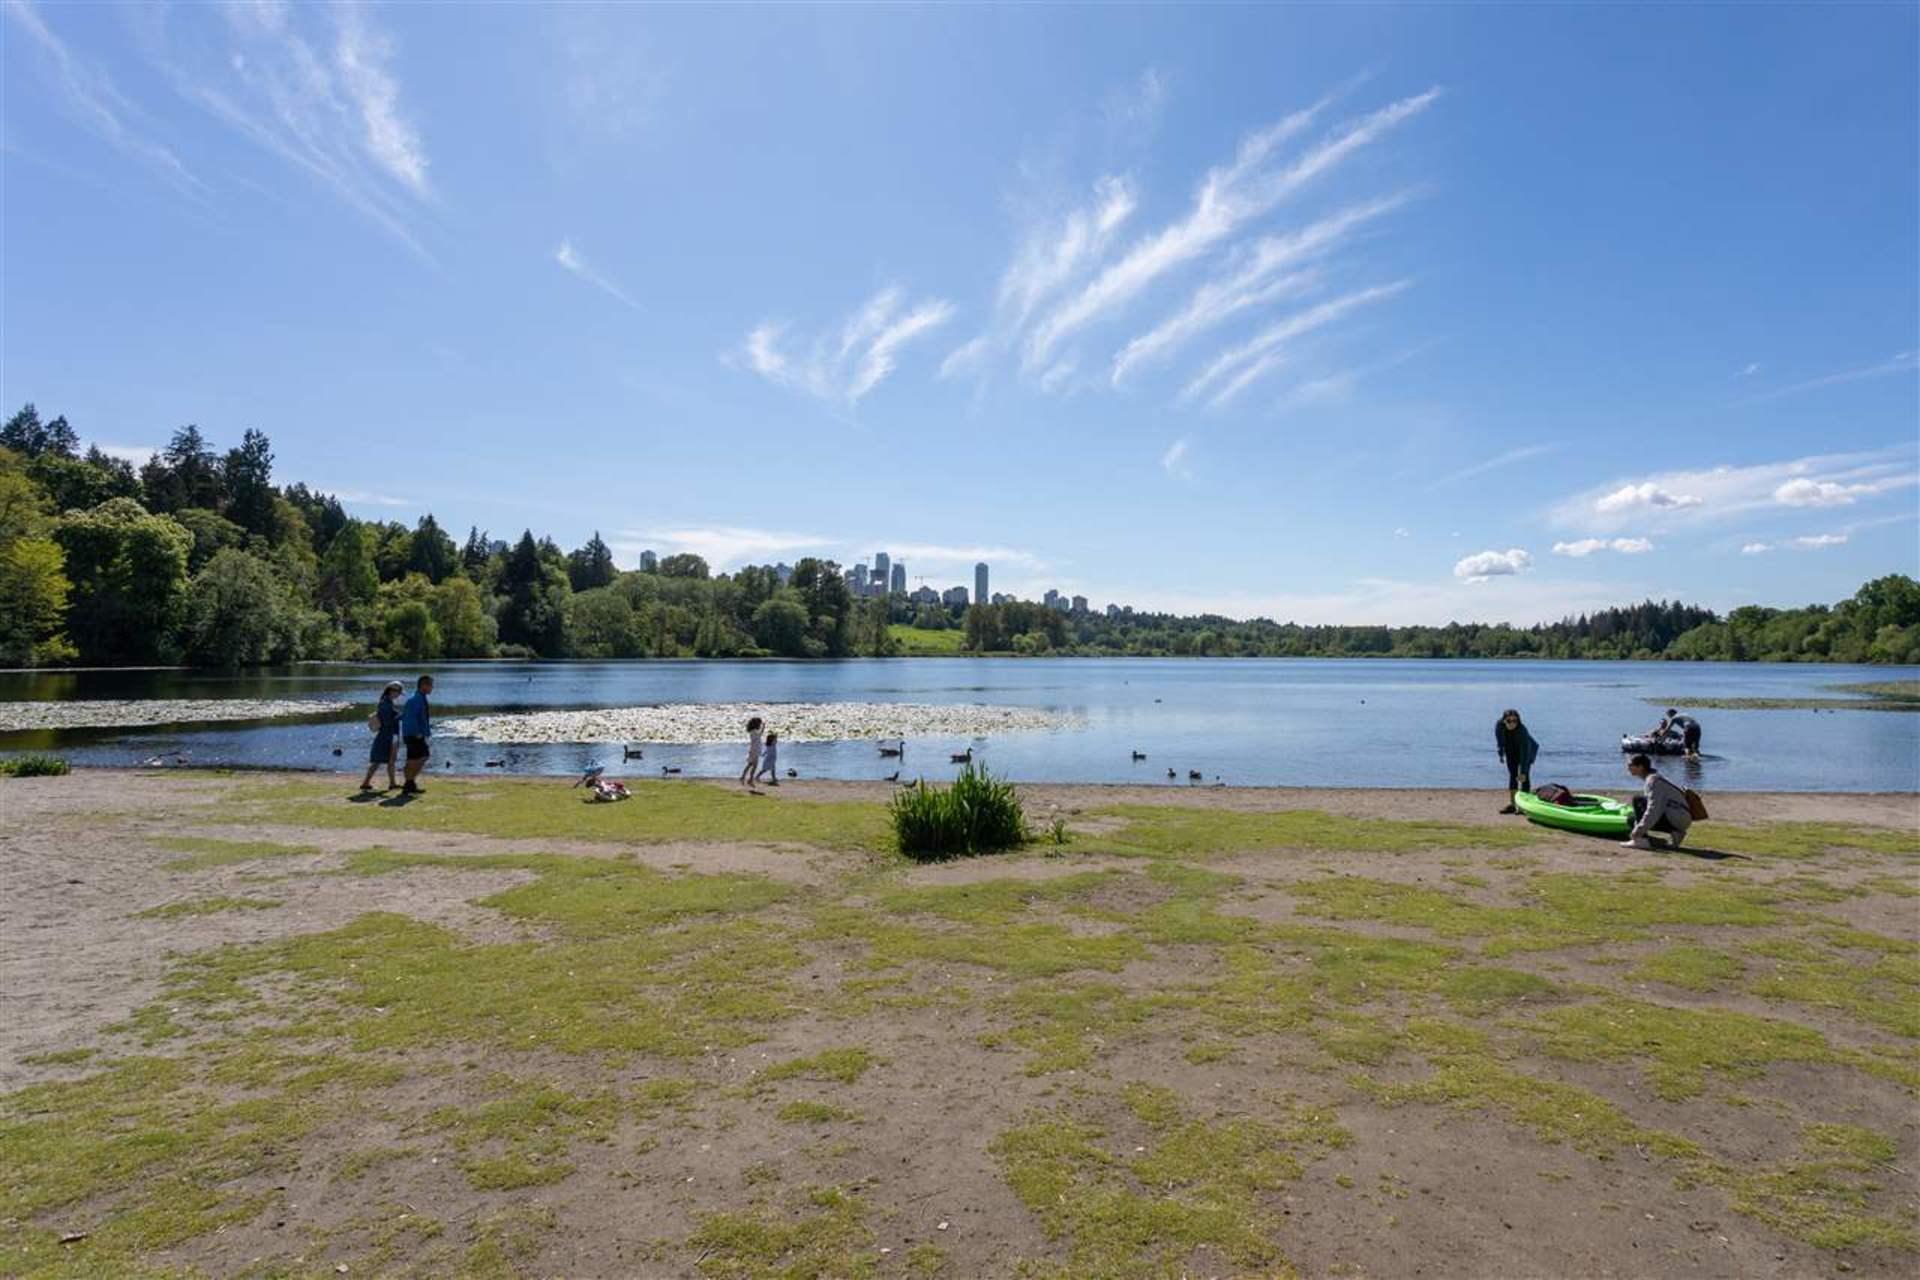 6036-brantford-avenue-upper-deer-lake-burnaby-south-15 at 6036 Brantford Avenue, Upper Deer Lake, Burnaby South